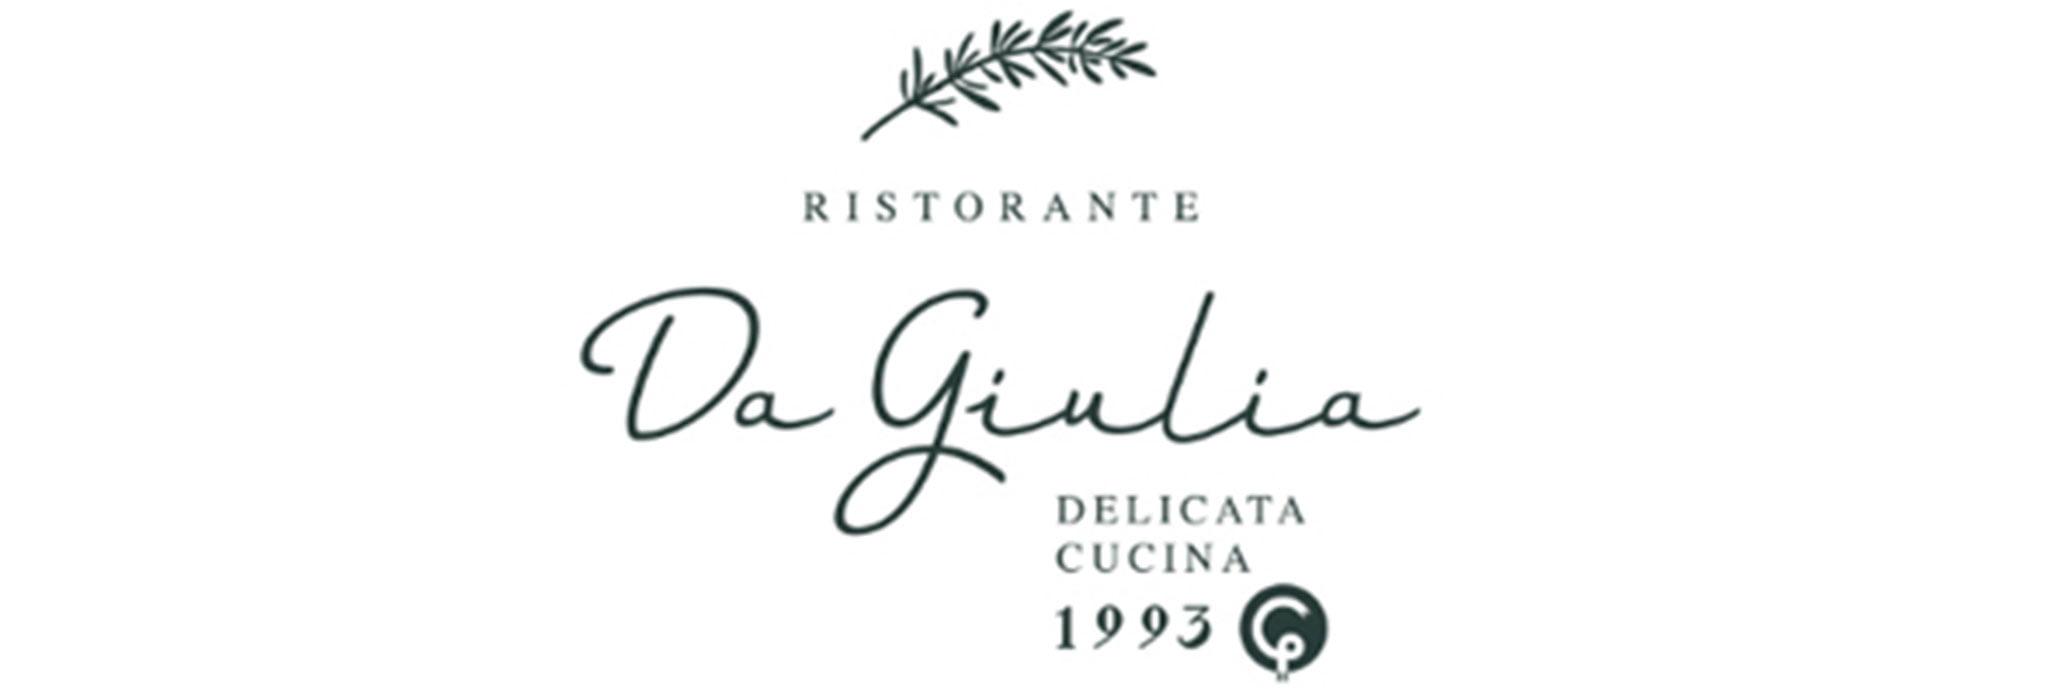 Logotipo Restaurante Da Giulia